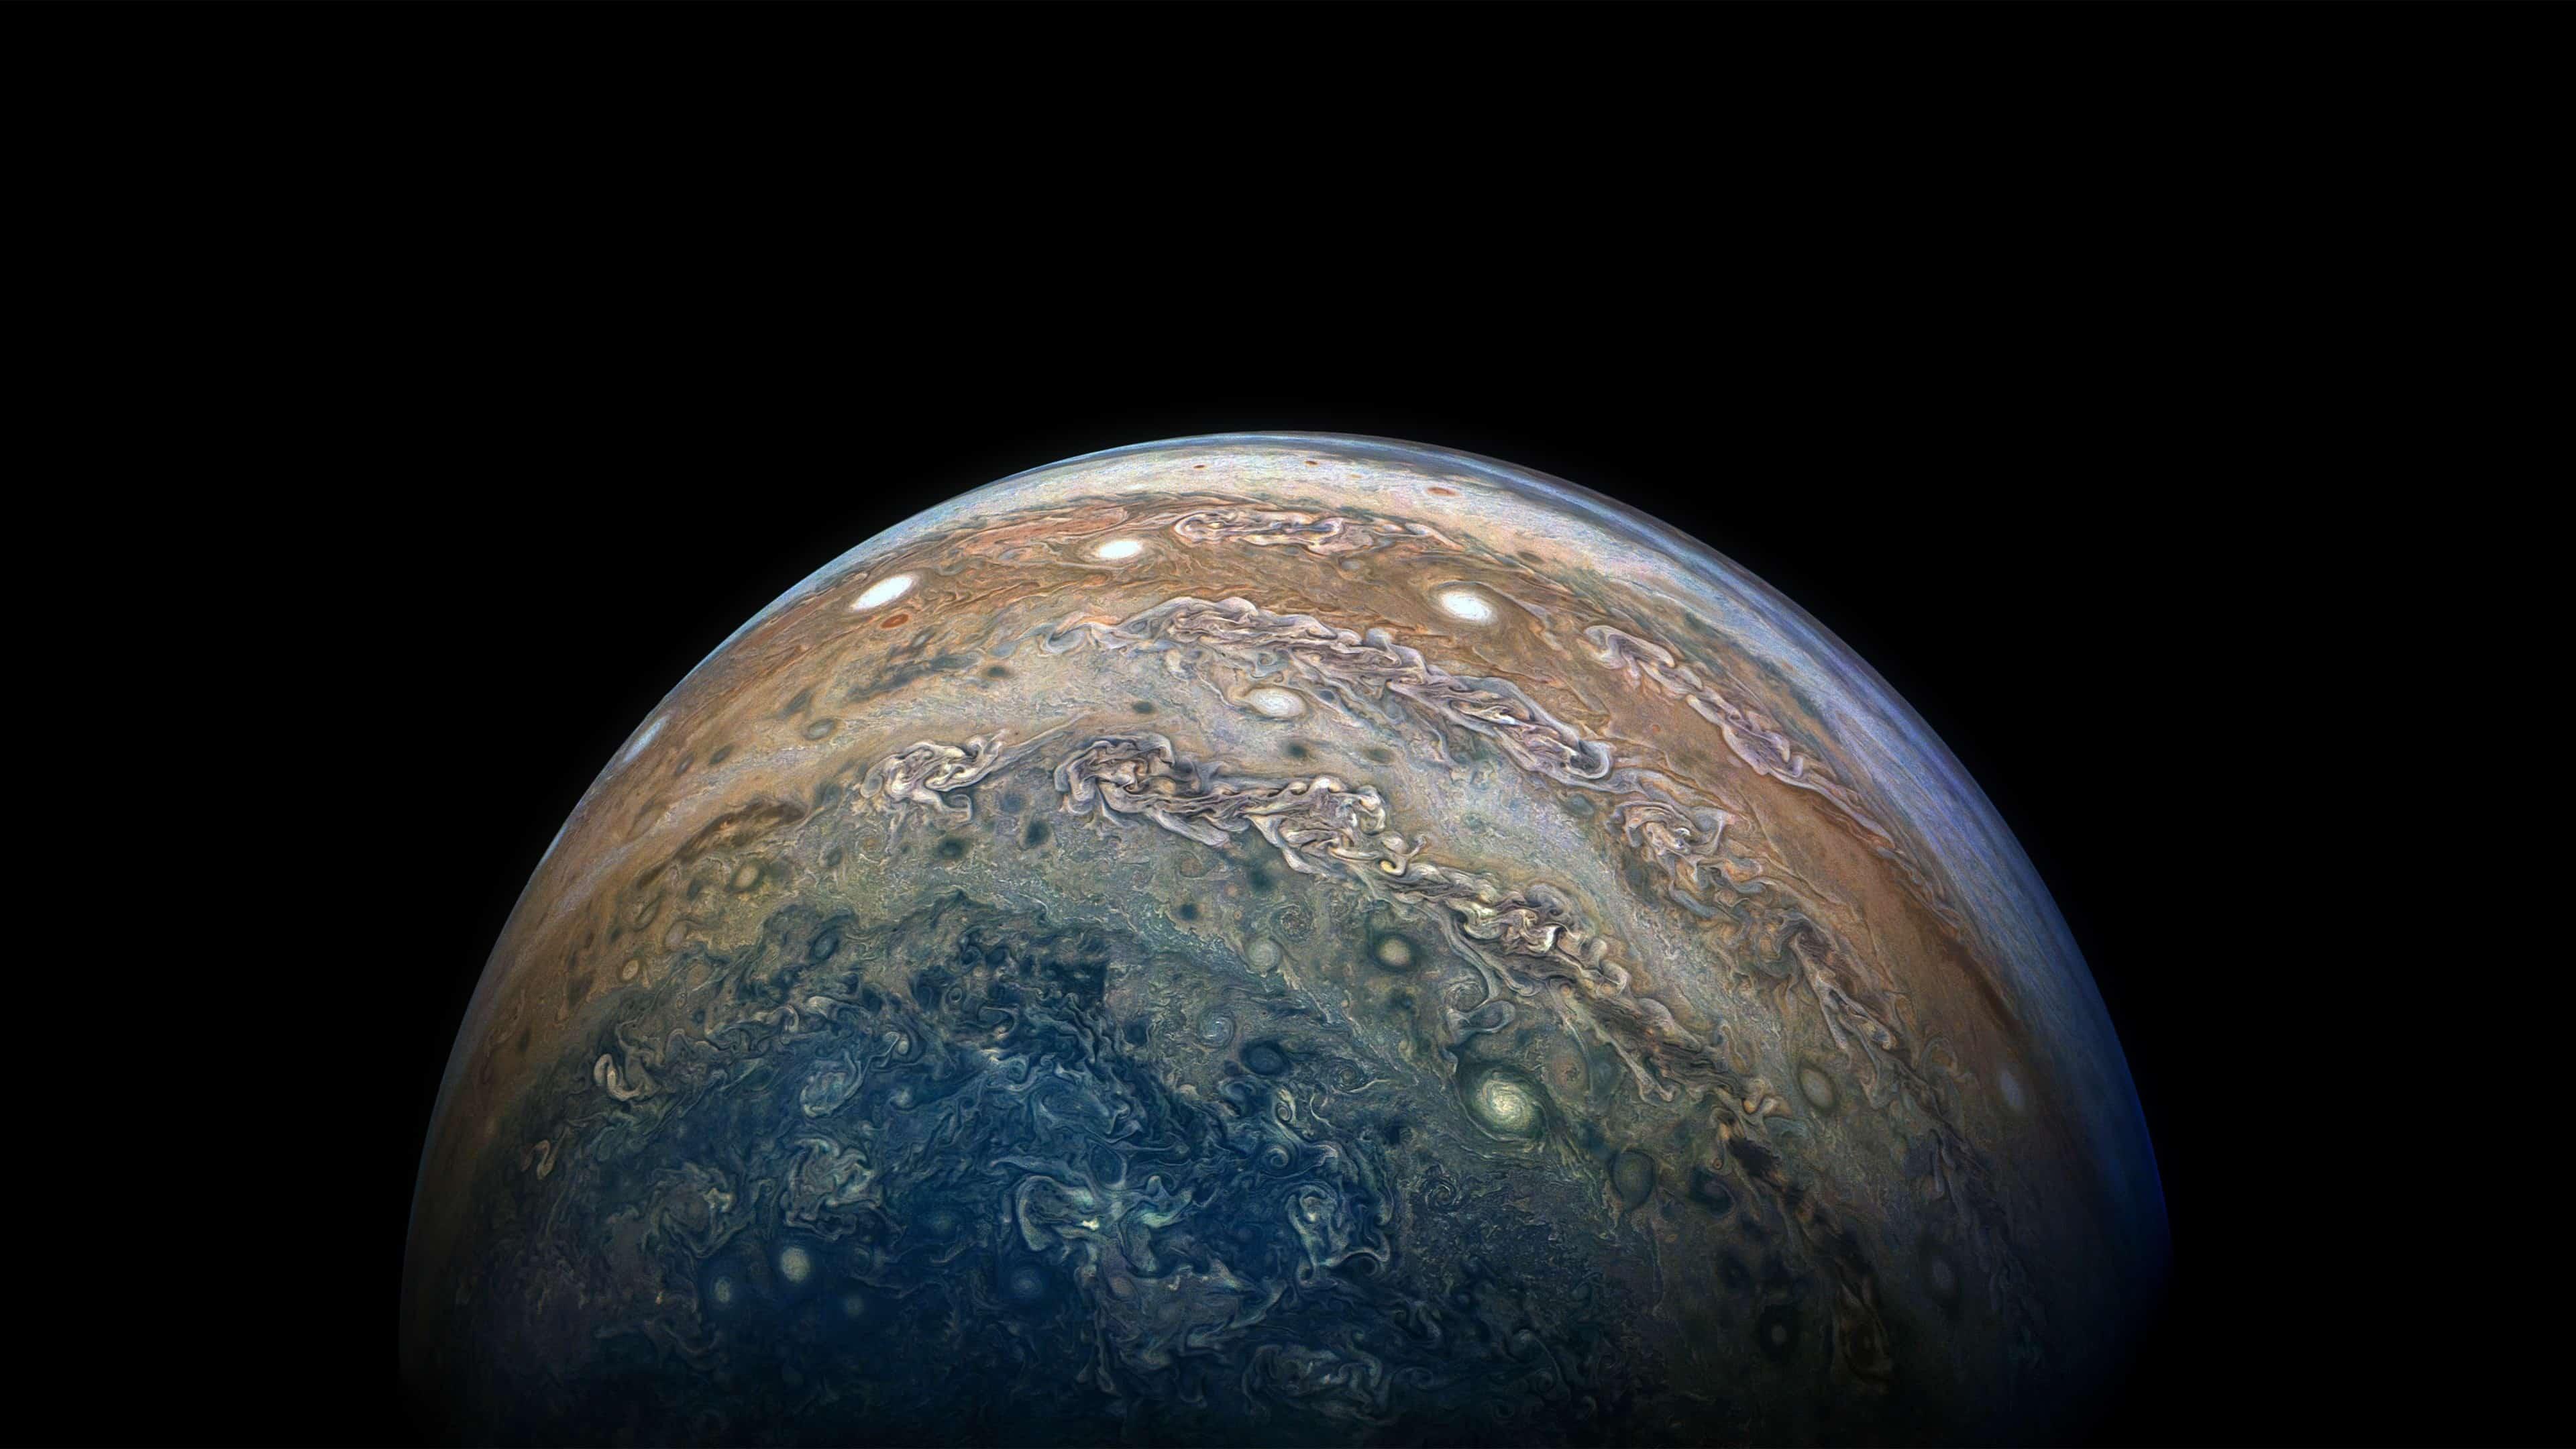 Jupiter Juno Mission Uhd 4k Wallpaper Pixelz